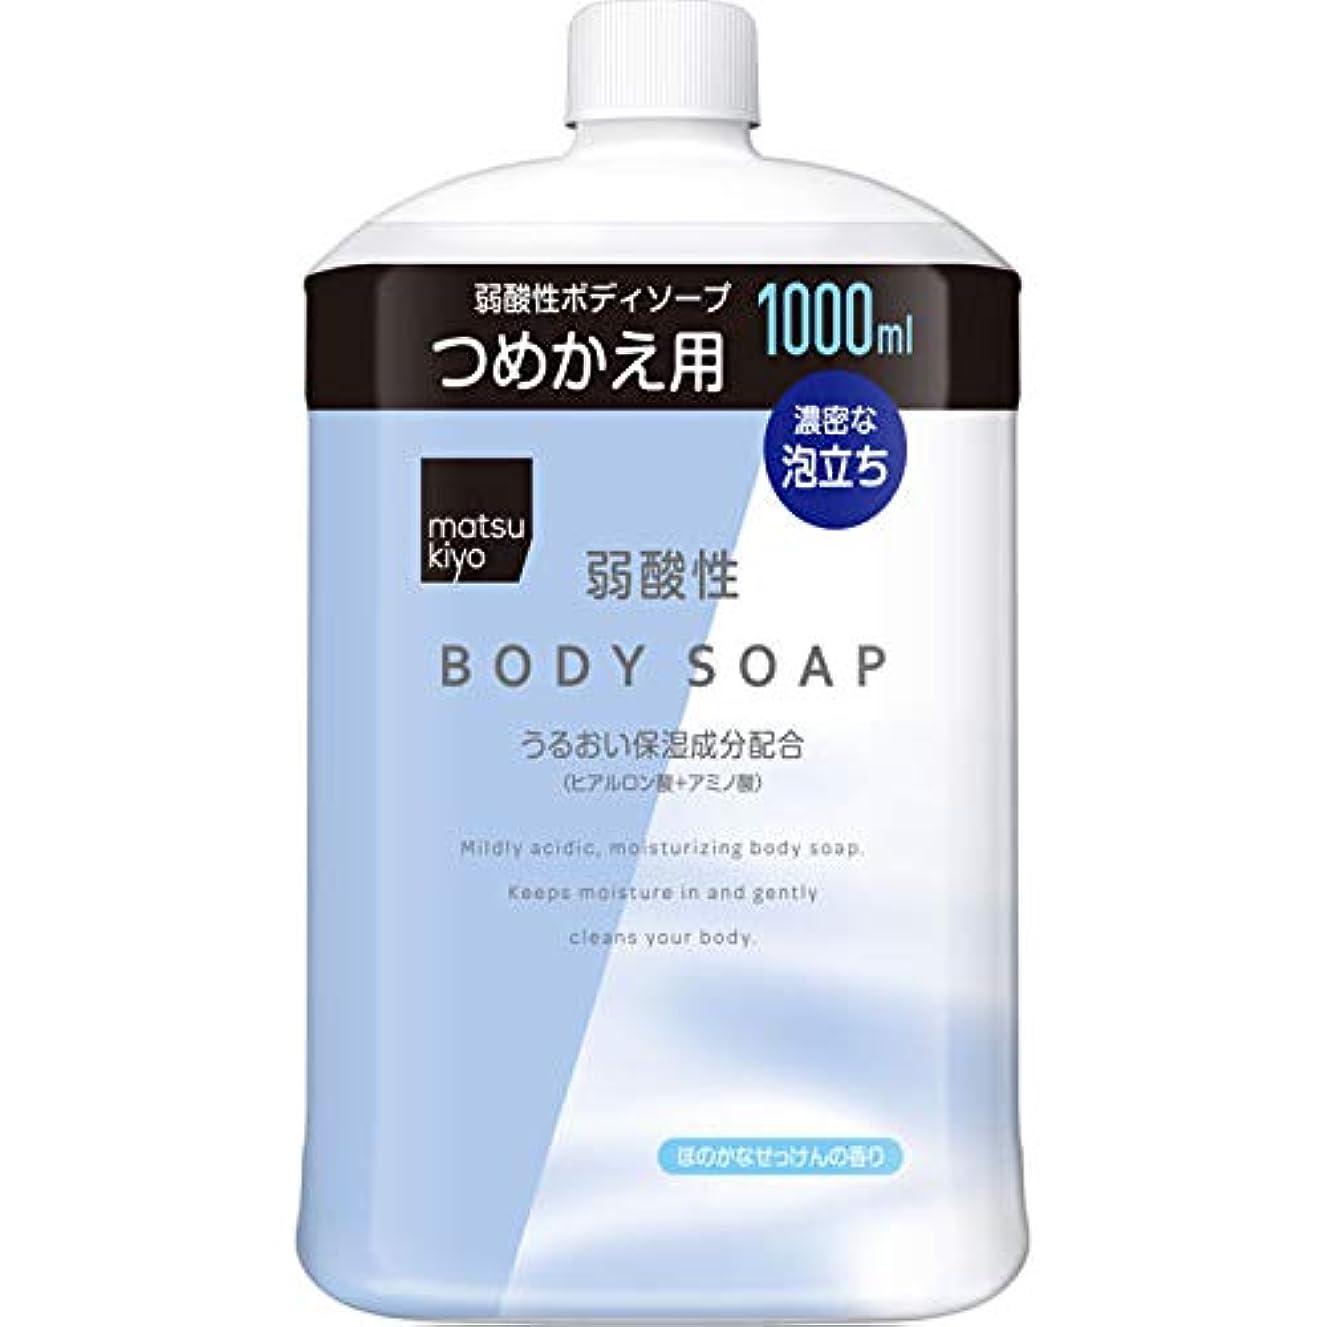 草ボーカル時間matsukiyo 弱酸性ボディソープ 1000ml詰替ボトル